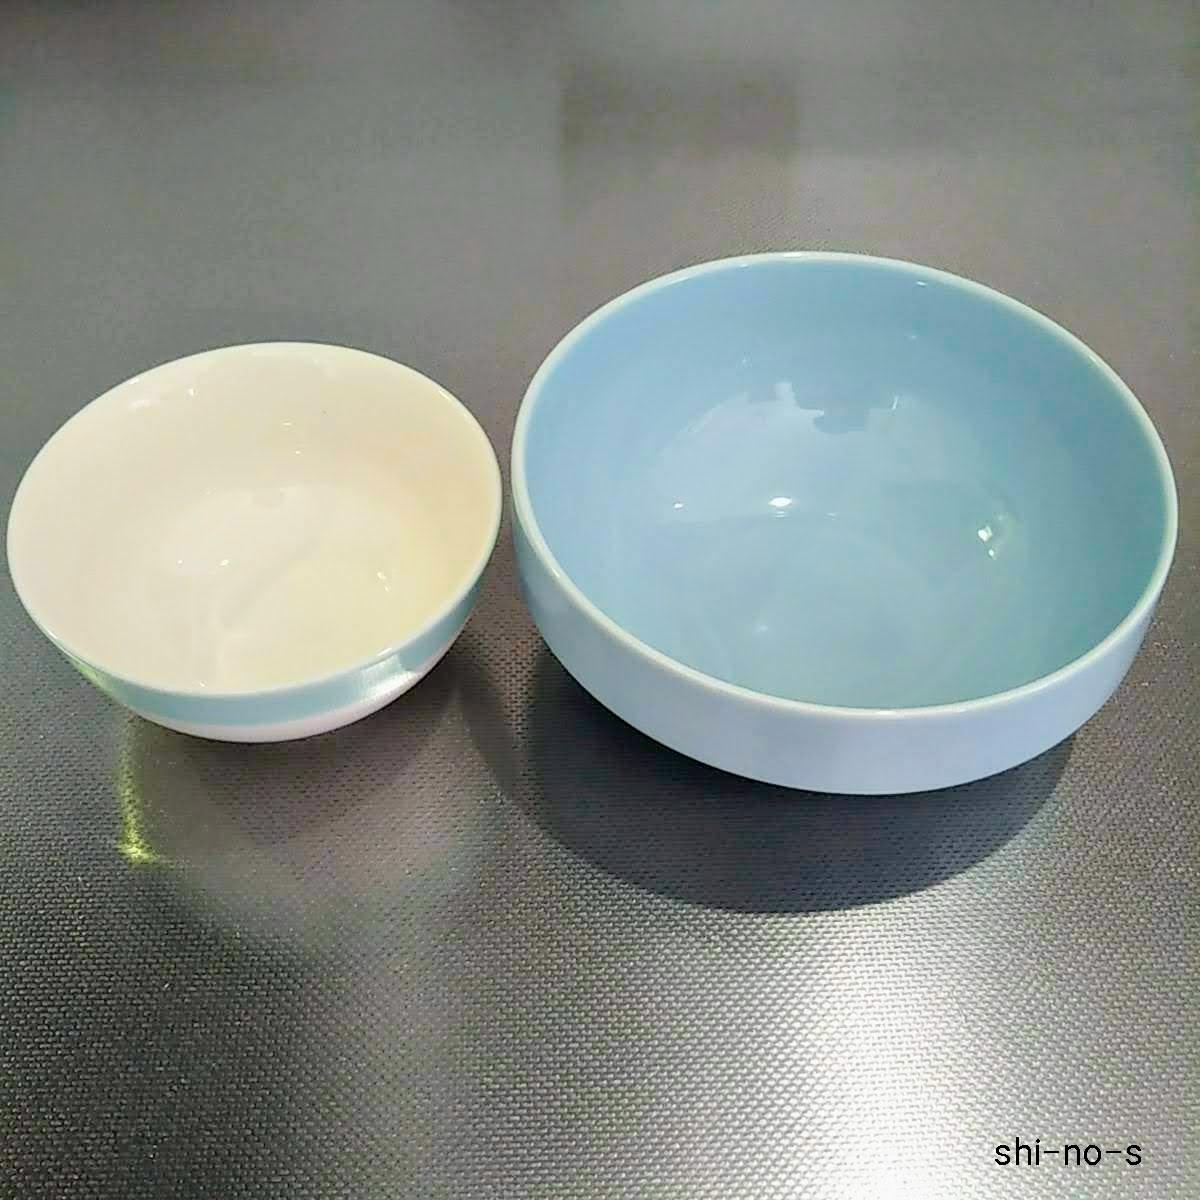 お茶碗と並べて比較している